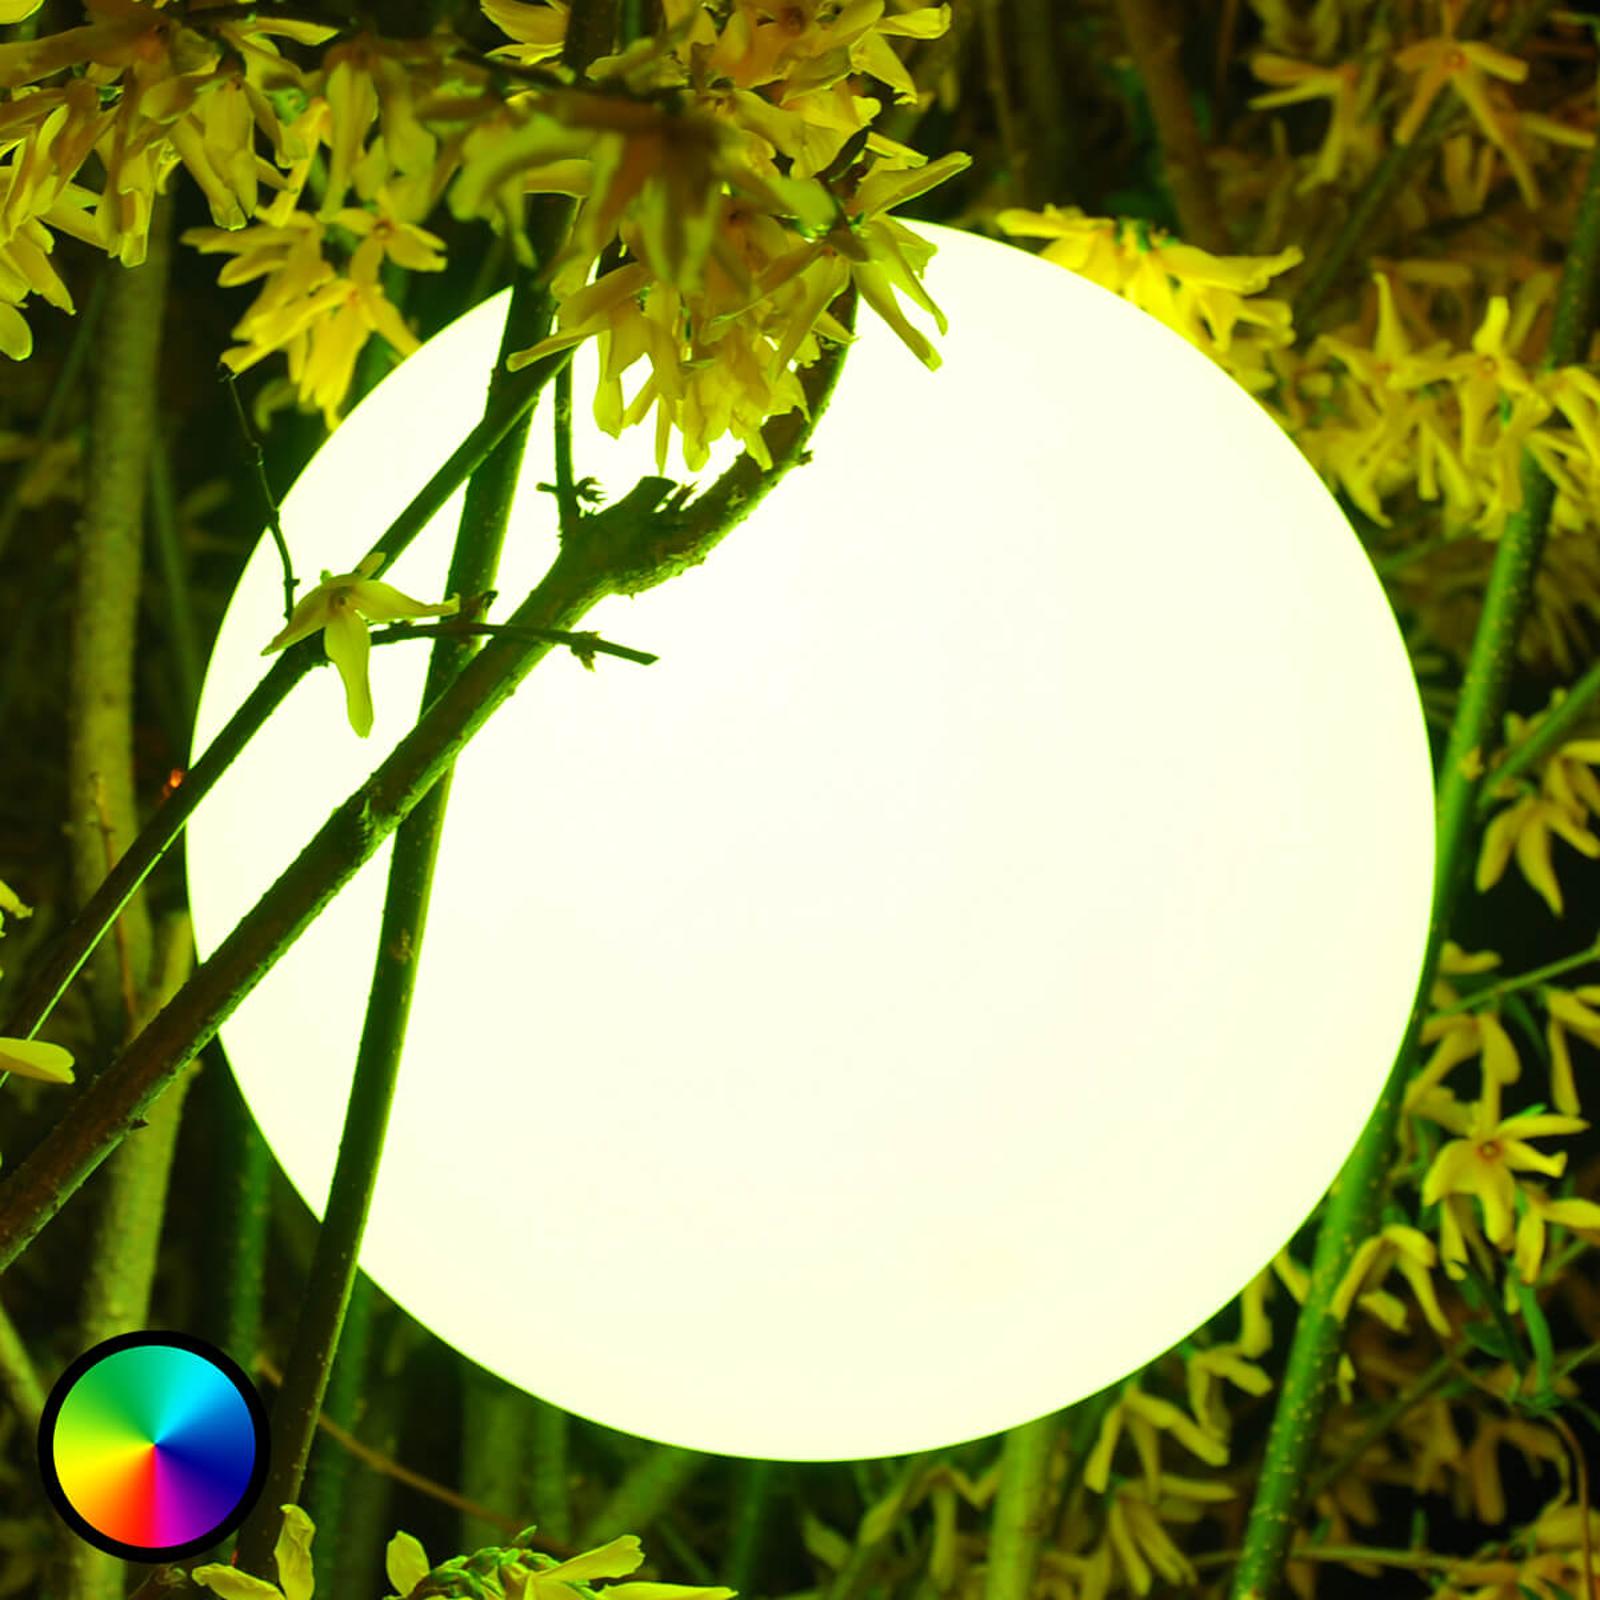 Pearl – LED-kuulavalaisin, ohjattavissa kännykällä